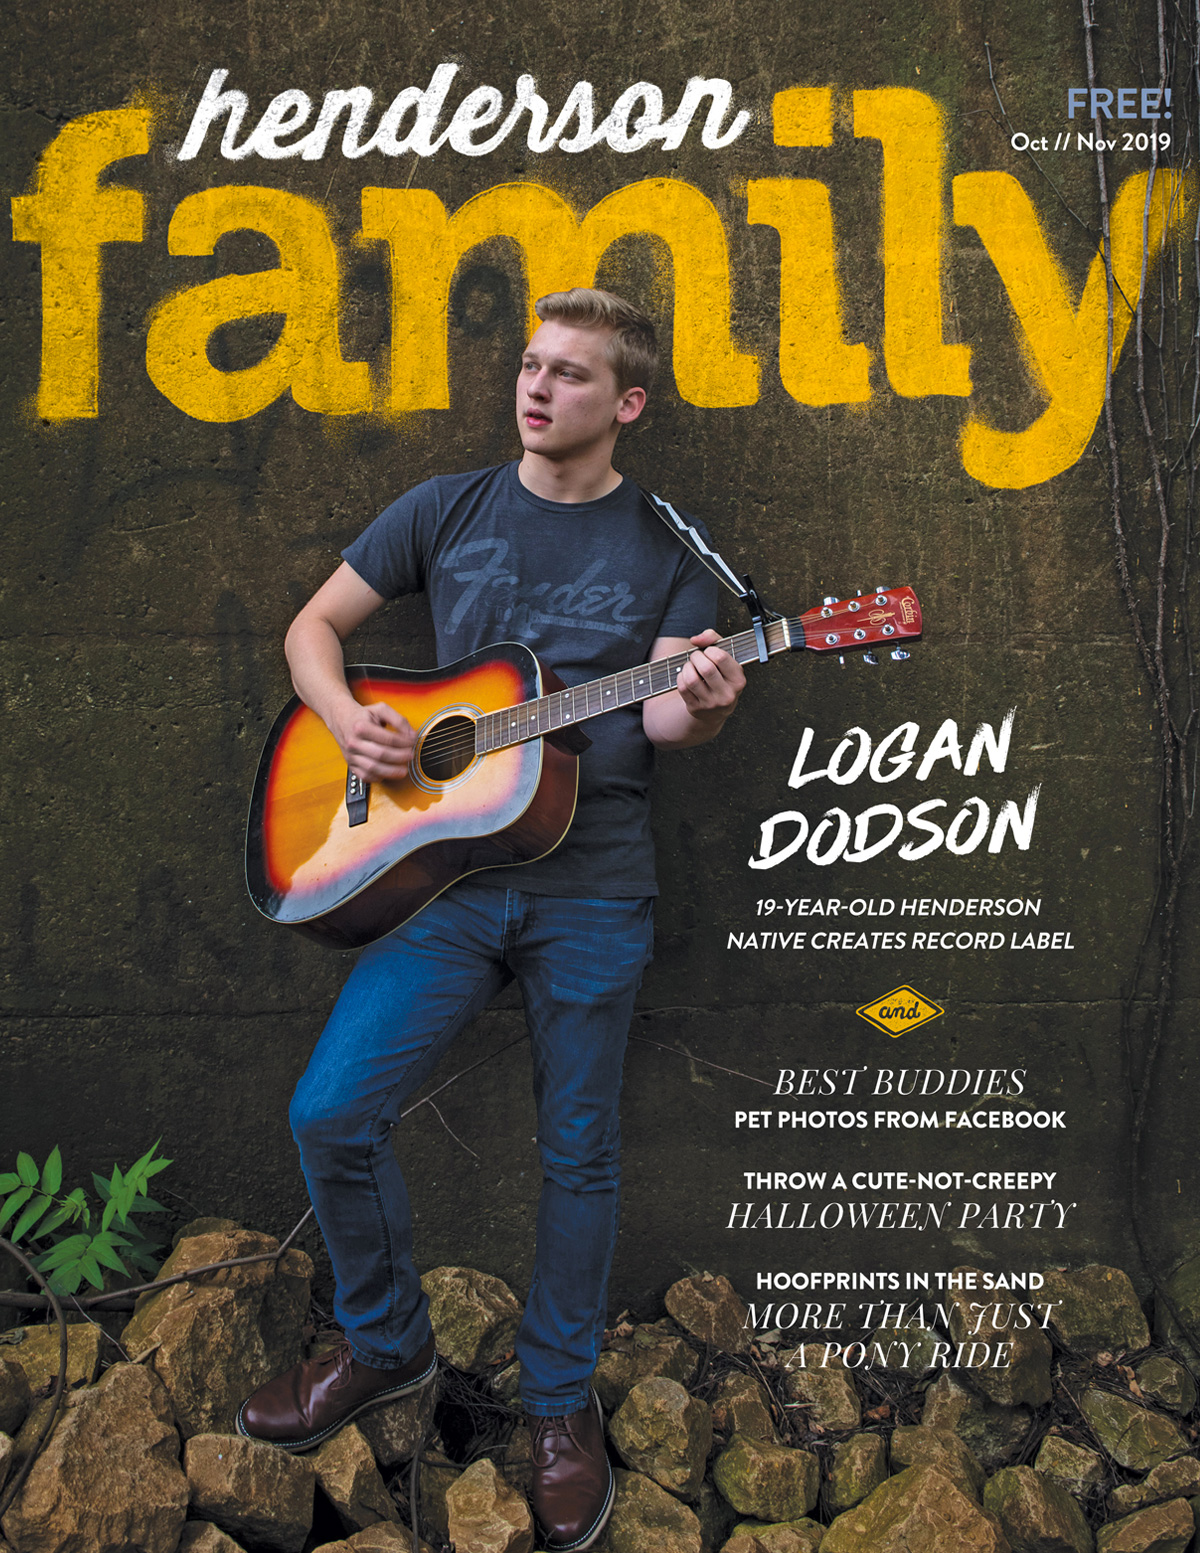 Henderson Family October / November 2019 Cover